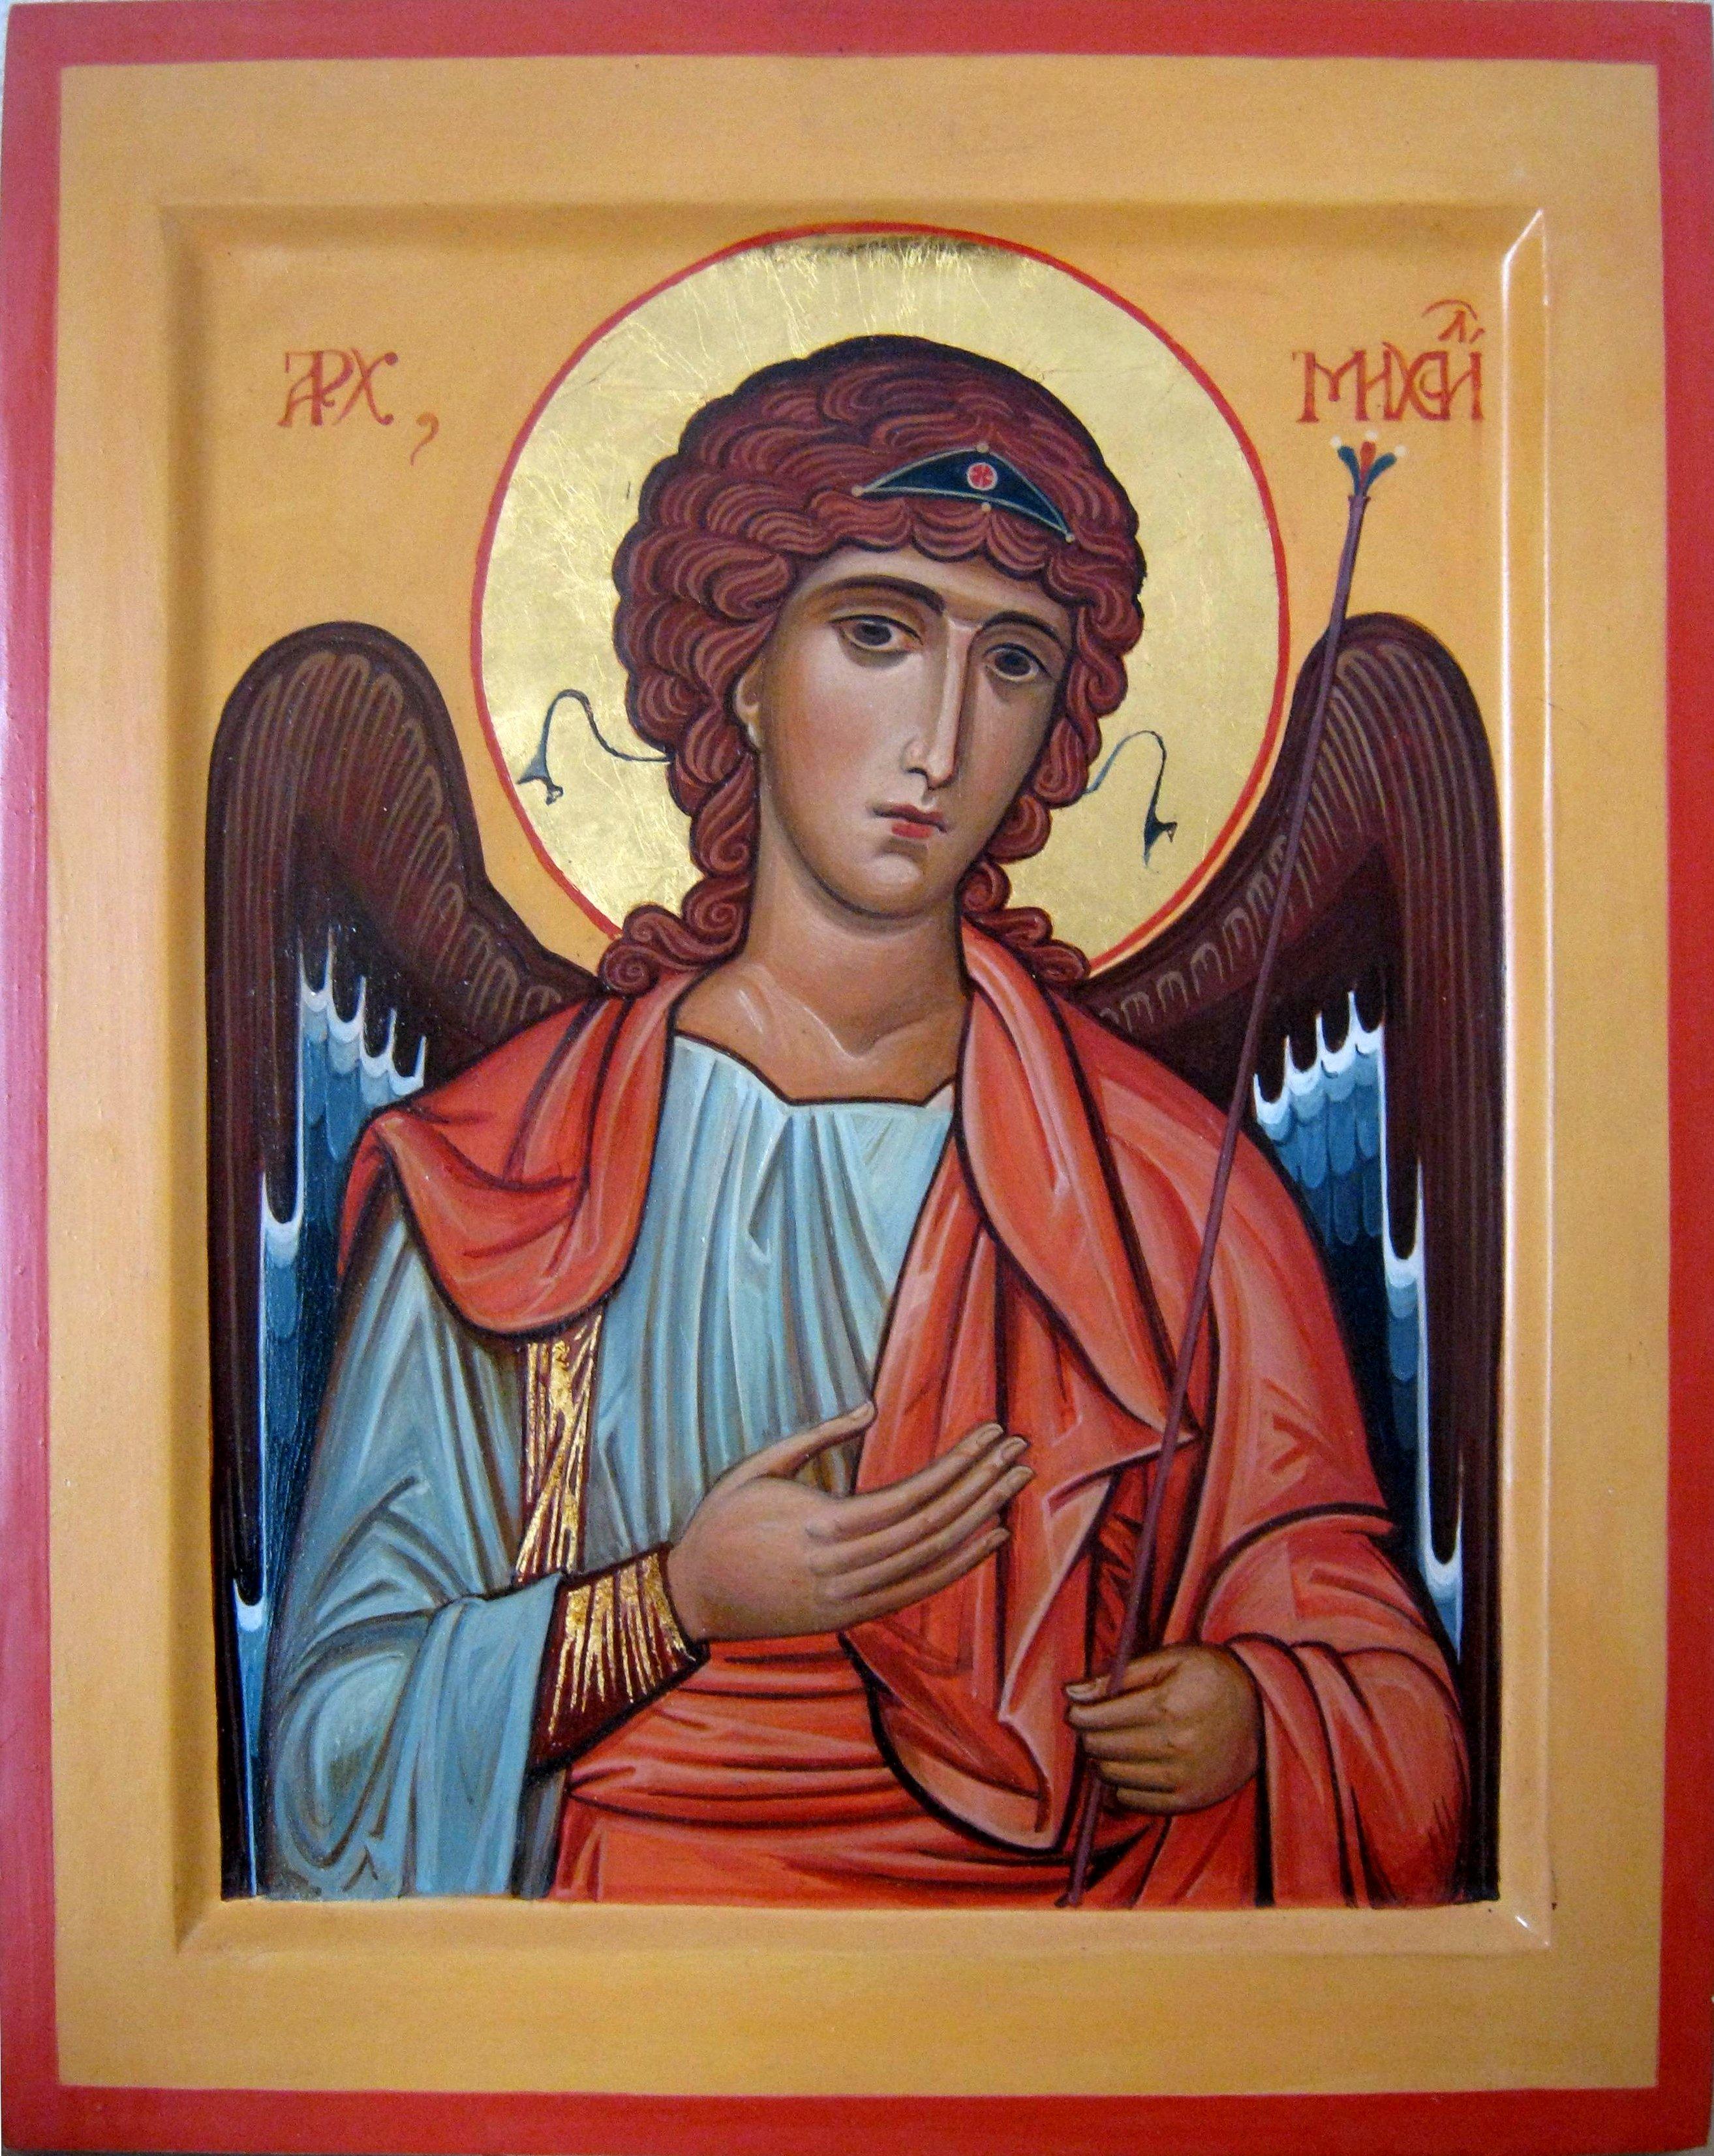 михаил архангел икона:: pictures11.ru/mihail-arhangel-ikona.html